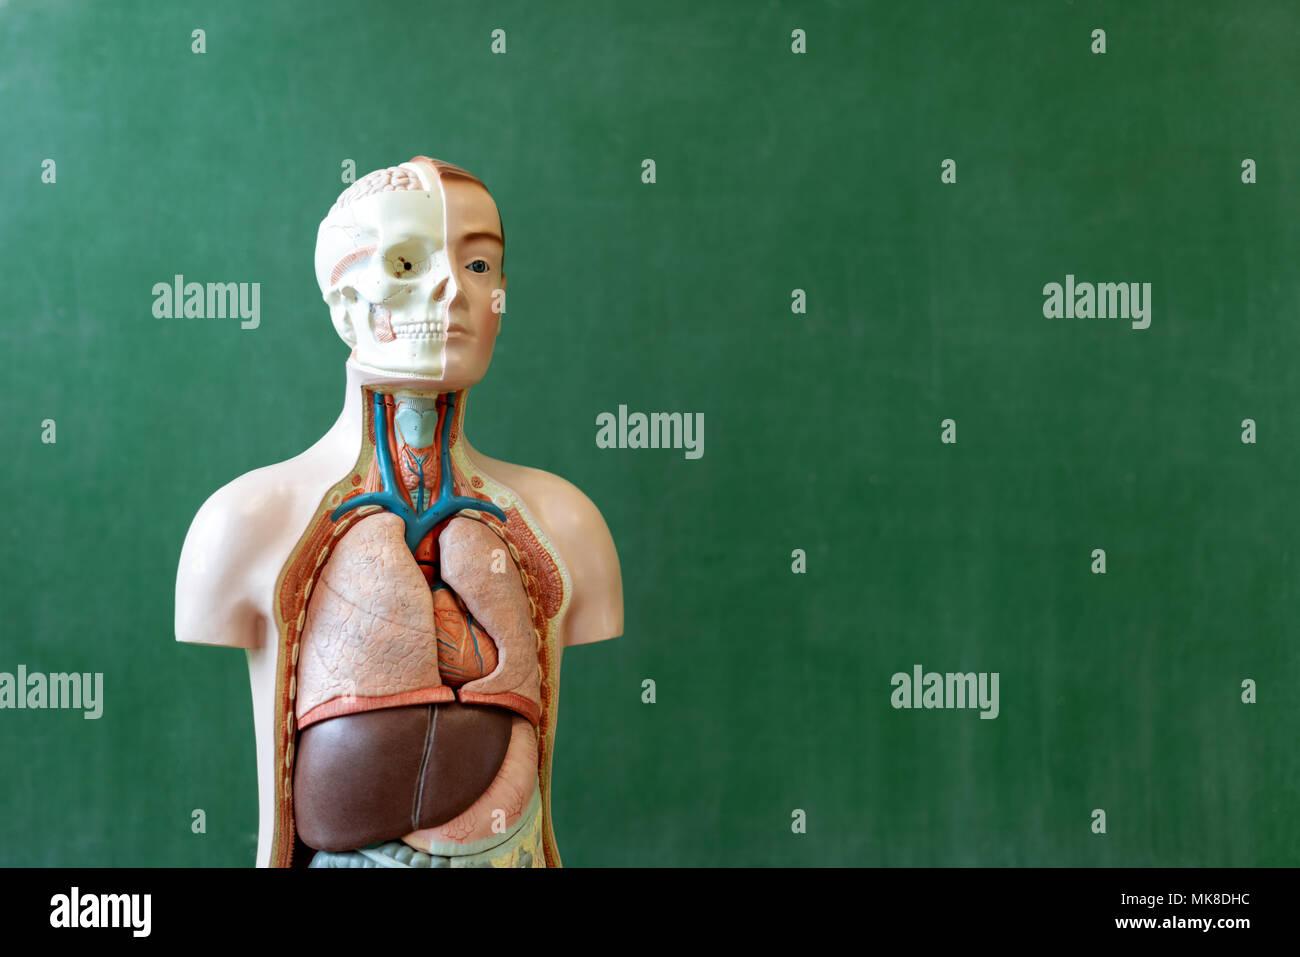 Modelo de cuerpo humano artificial. Clase de biología. Ayuda de ...